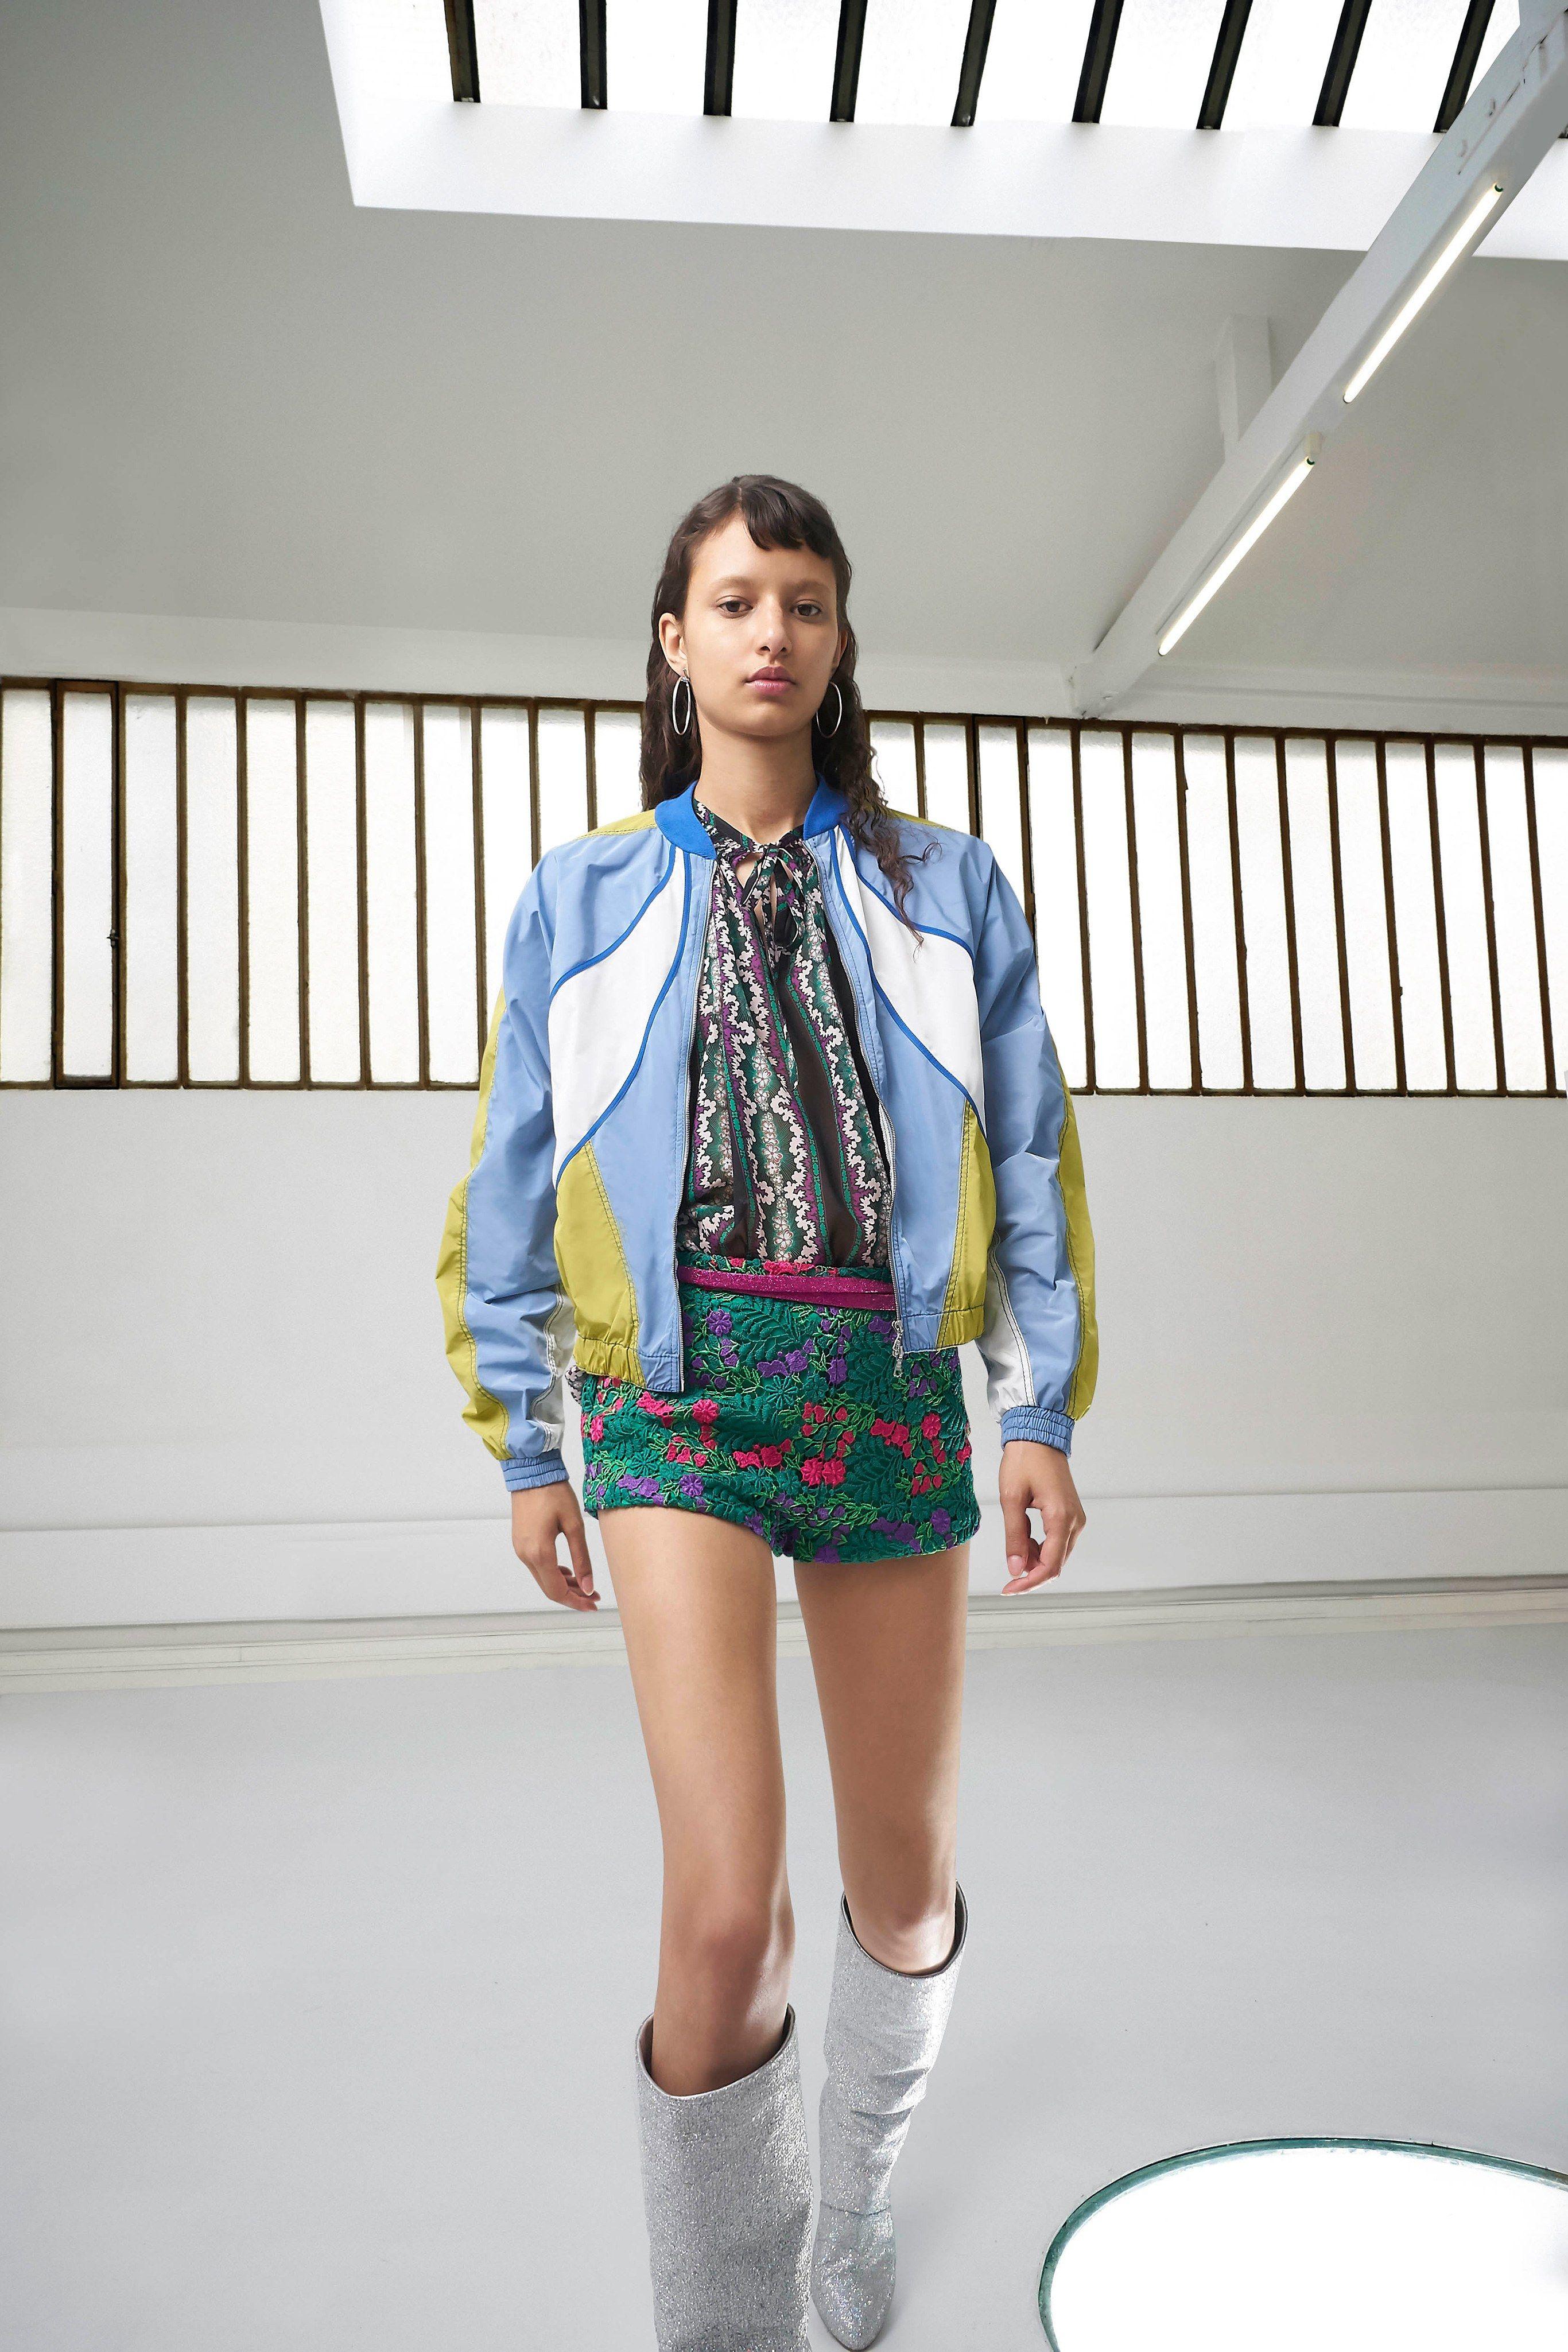 2019 2019 Sonbahar Modası Fantezi ve Şık Giyim